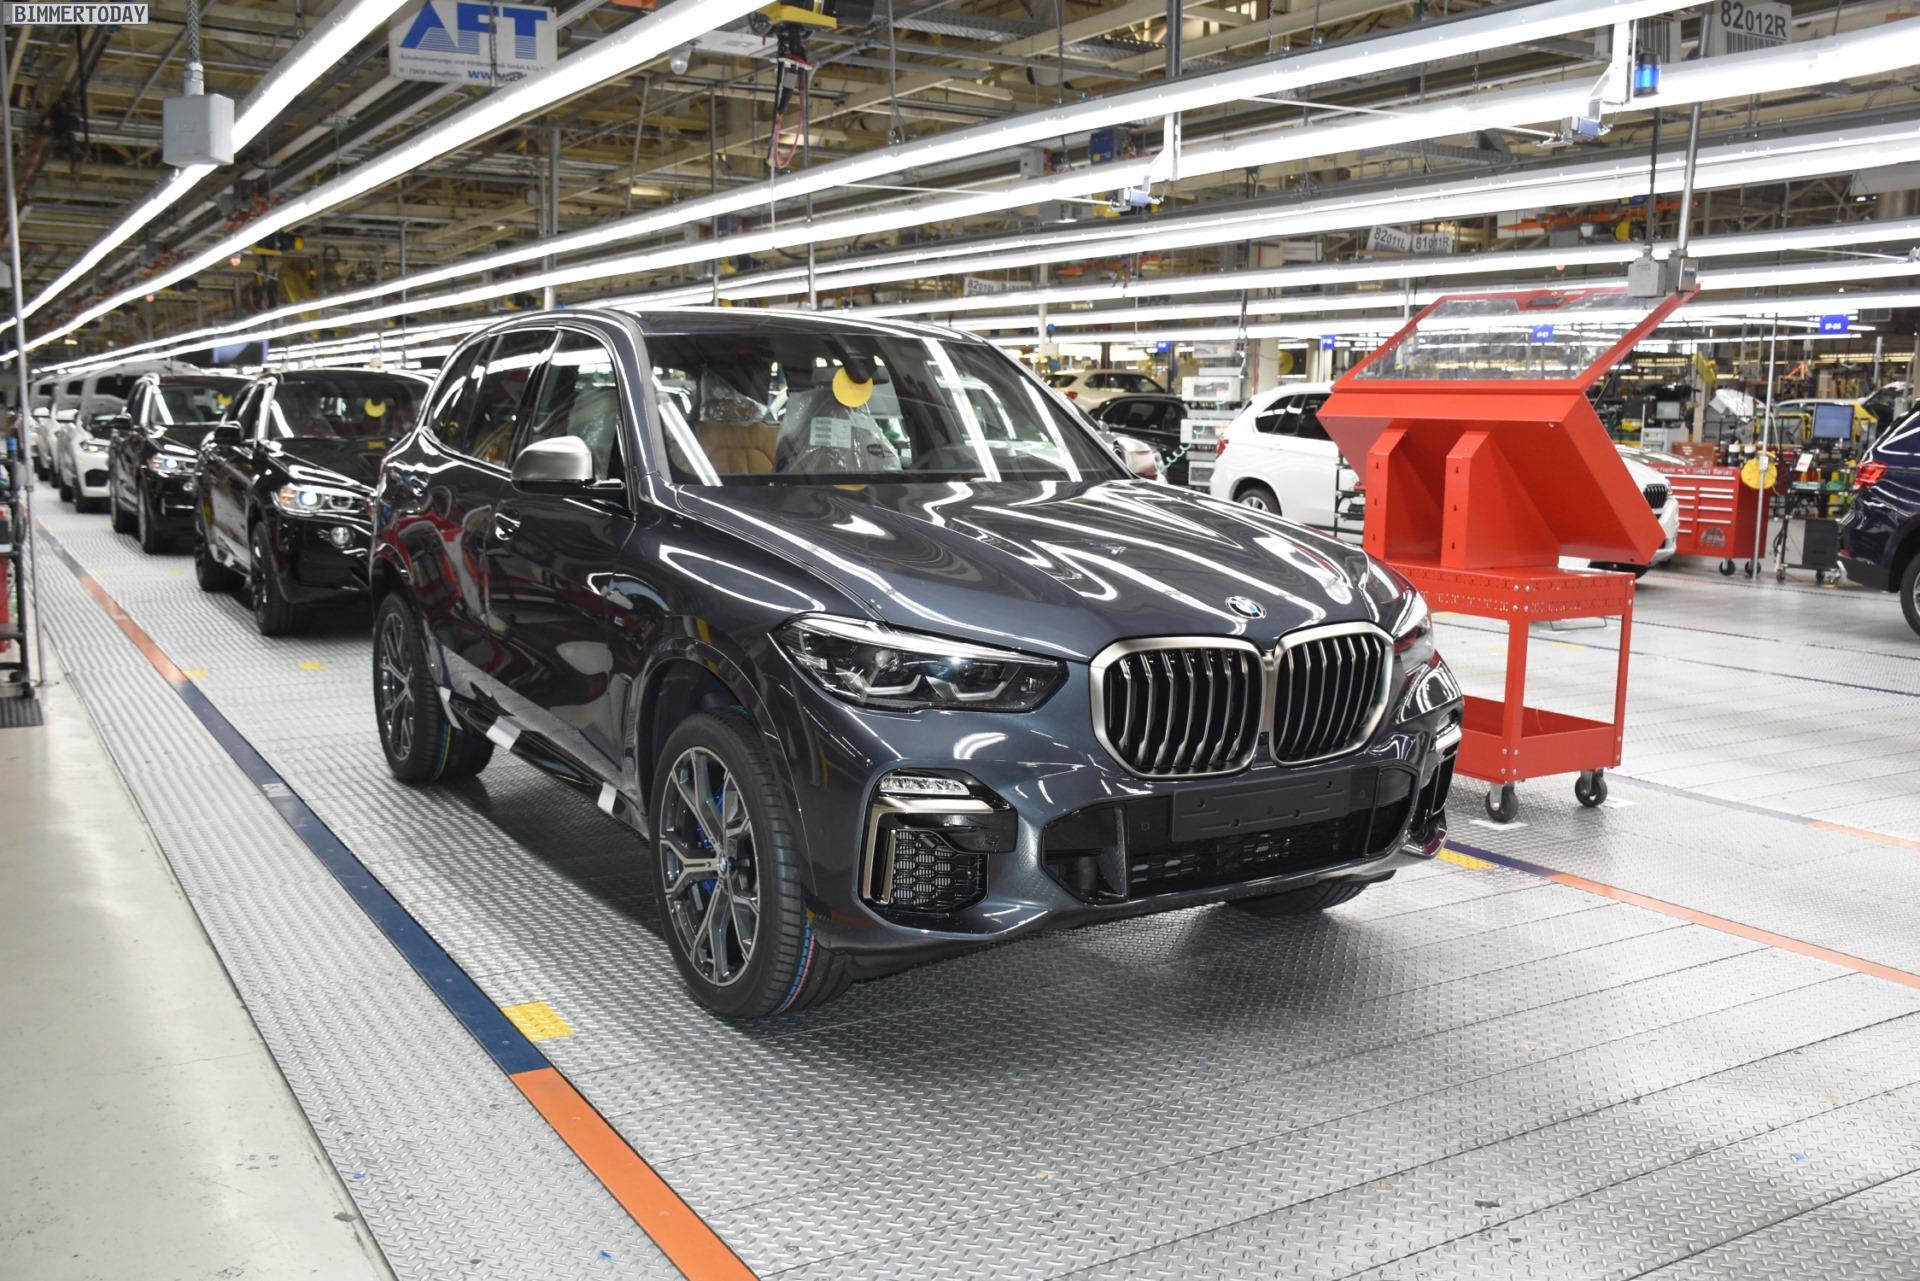 BMW X7 2018 >> BMW X5 G05: Produktion im Werk Spartanburg beginnt bald